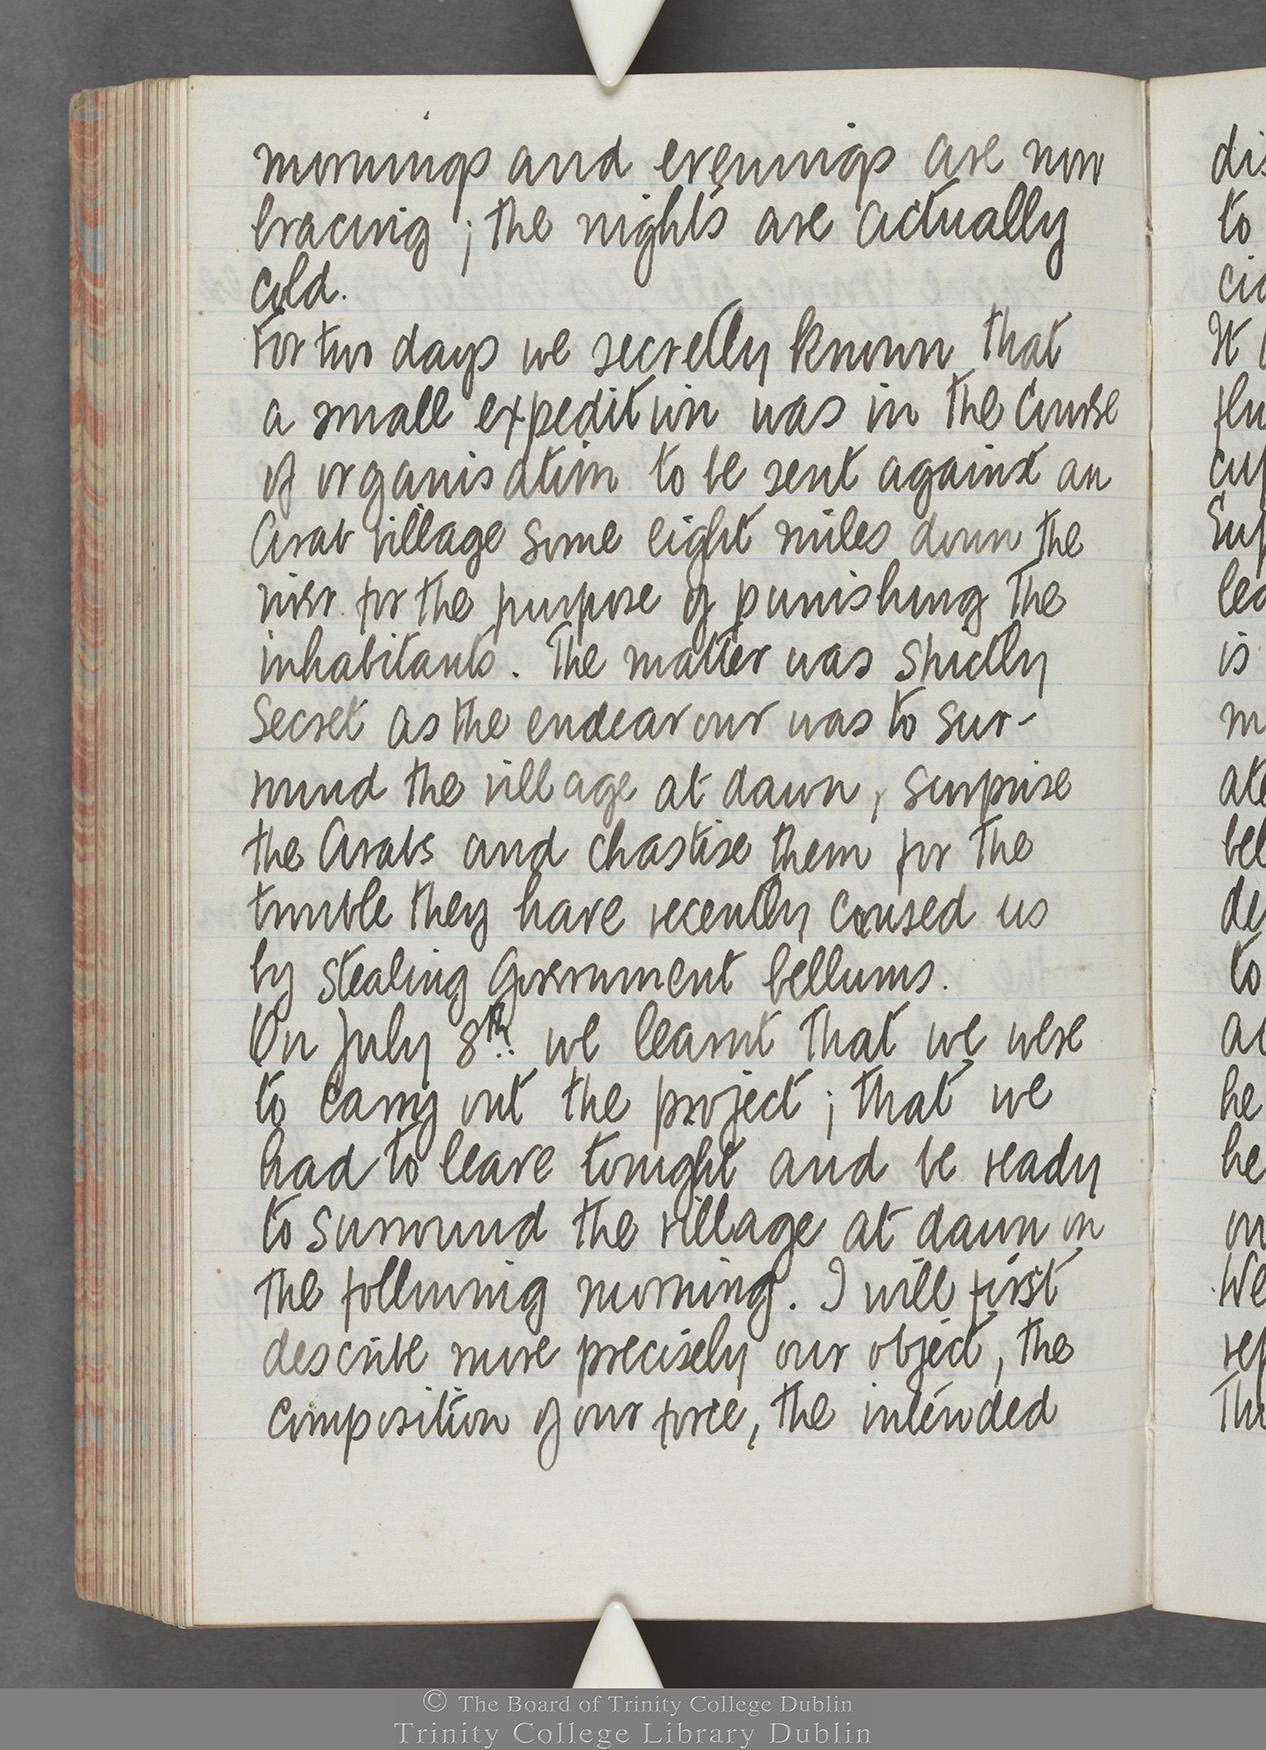 TCD MS 10515 folio 130 verso